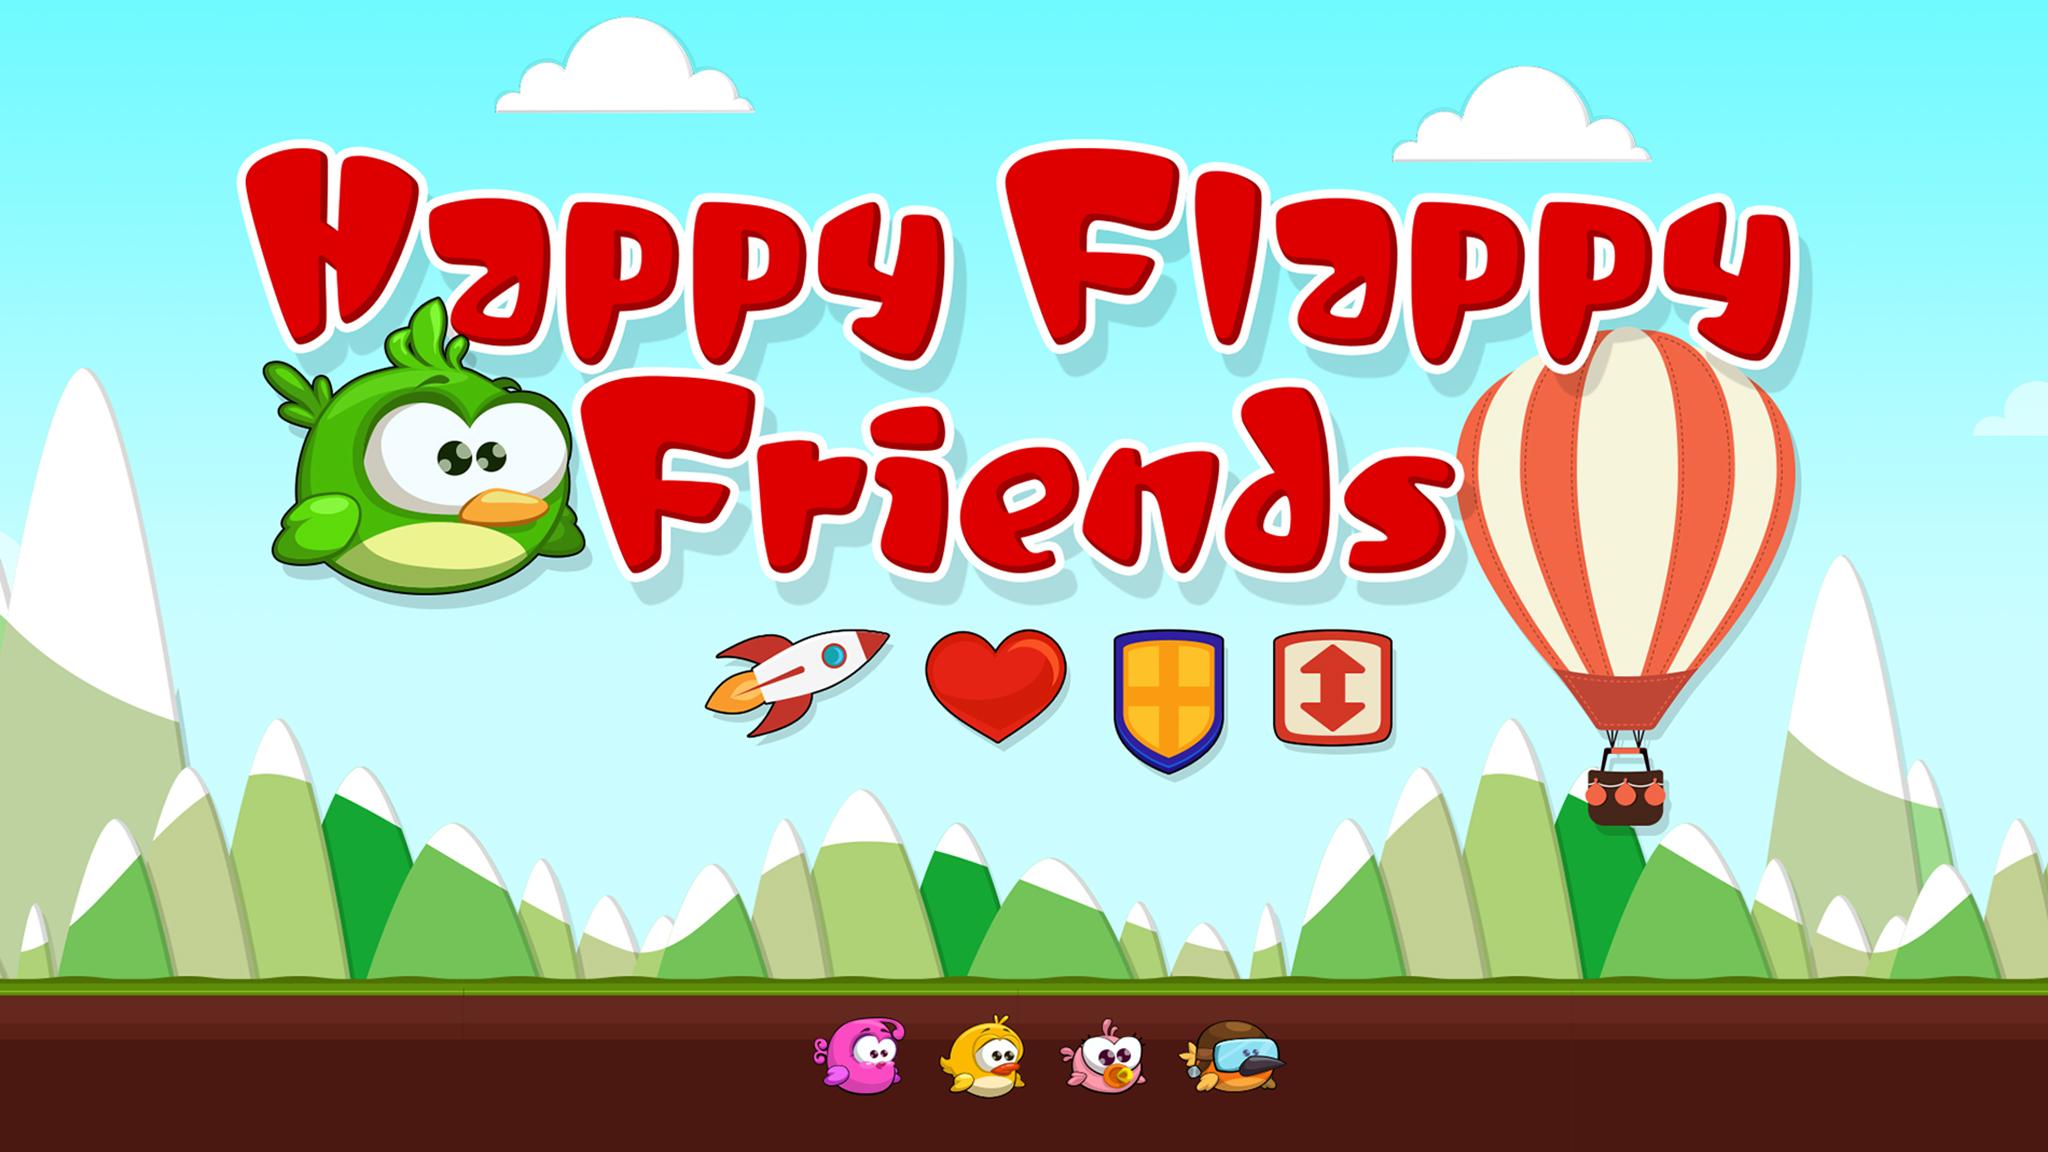 Happy Flappy Friends